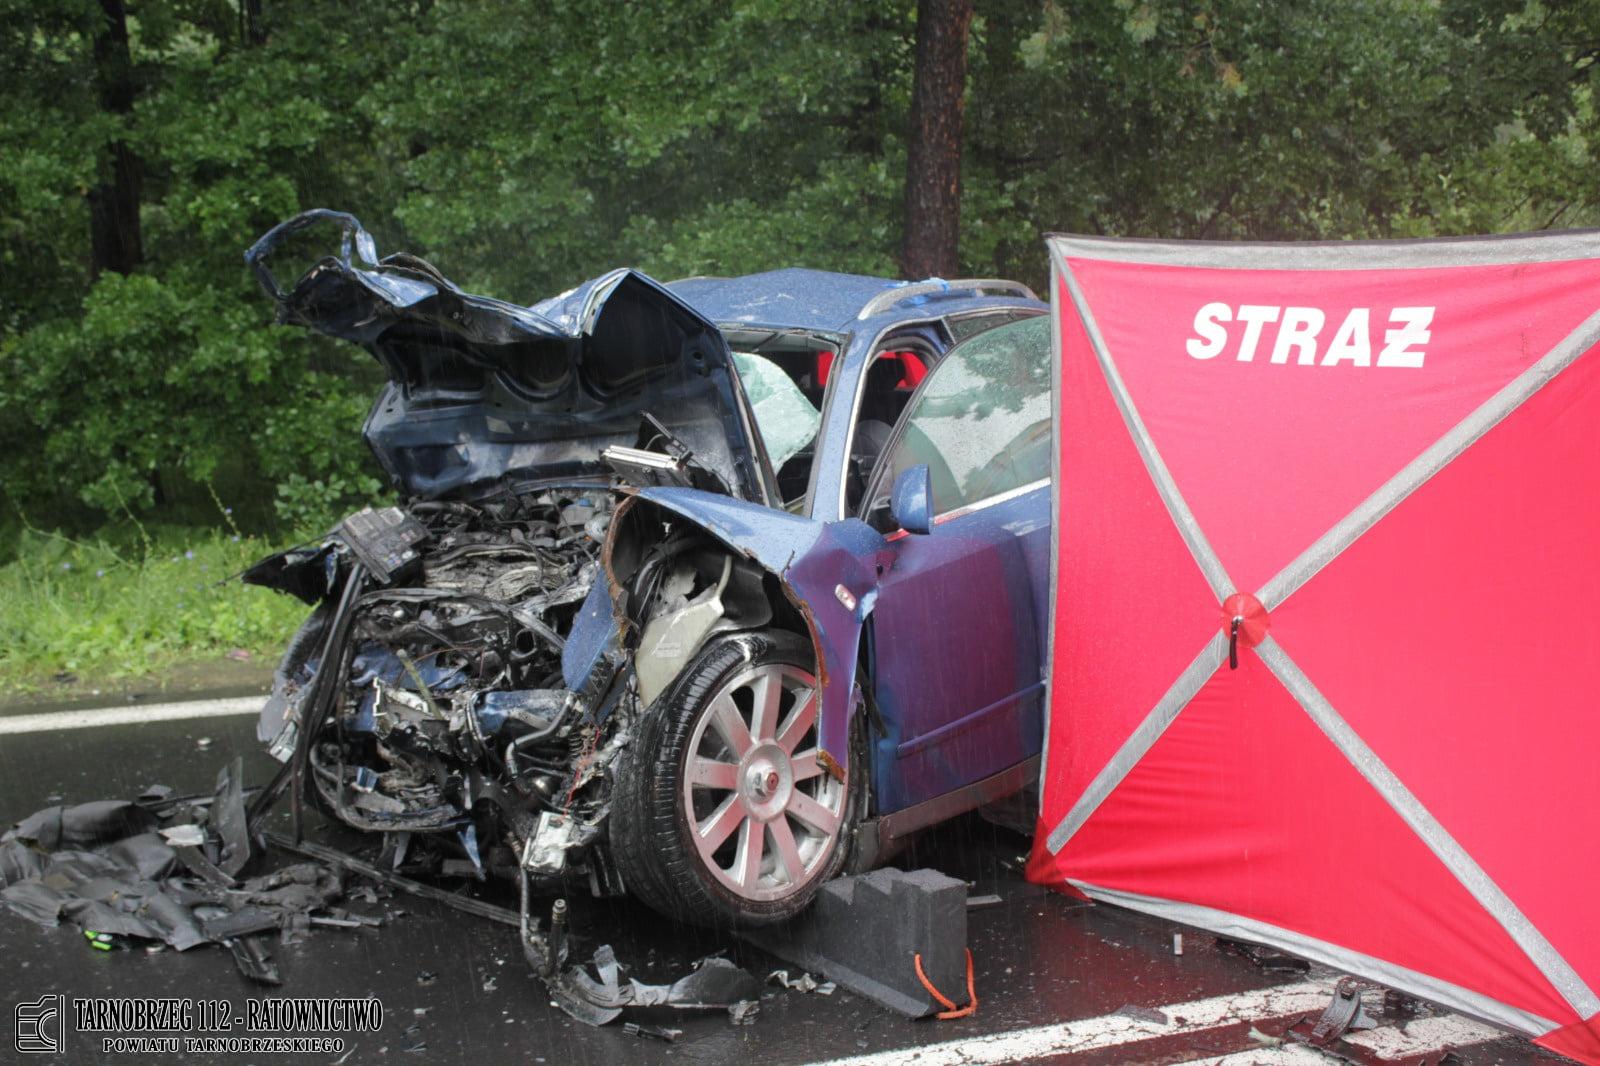 Sprawca tragicznego wypadku koło Stalowej Woli przewieziony do aresztu! - Zdjęcie główne